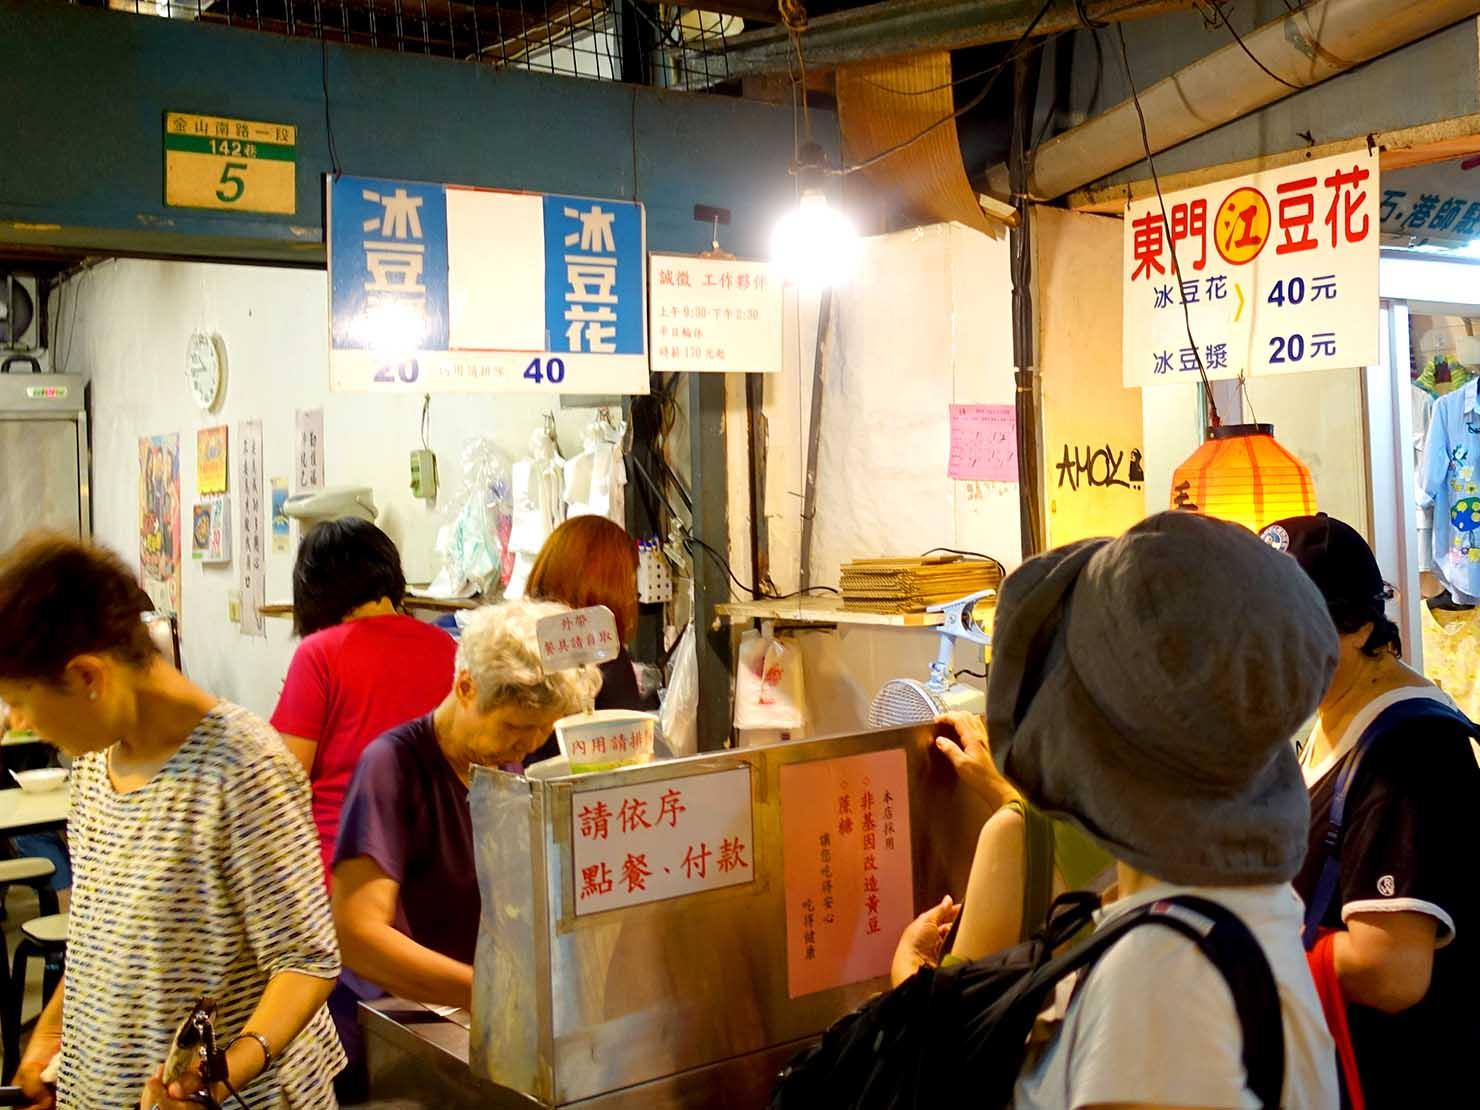 台北・永康街の豆花がいただけるお店「江記東門豆花」の外観